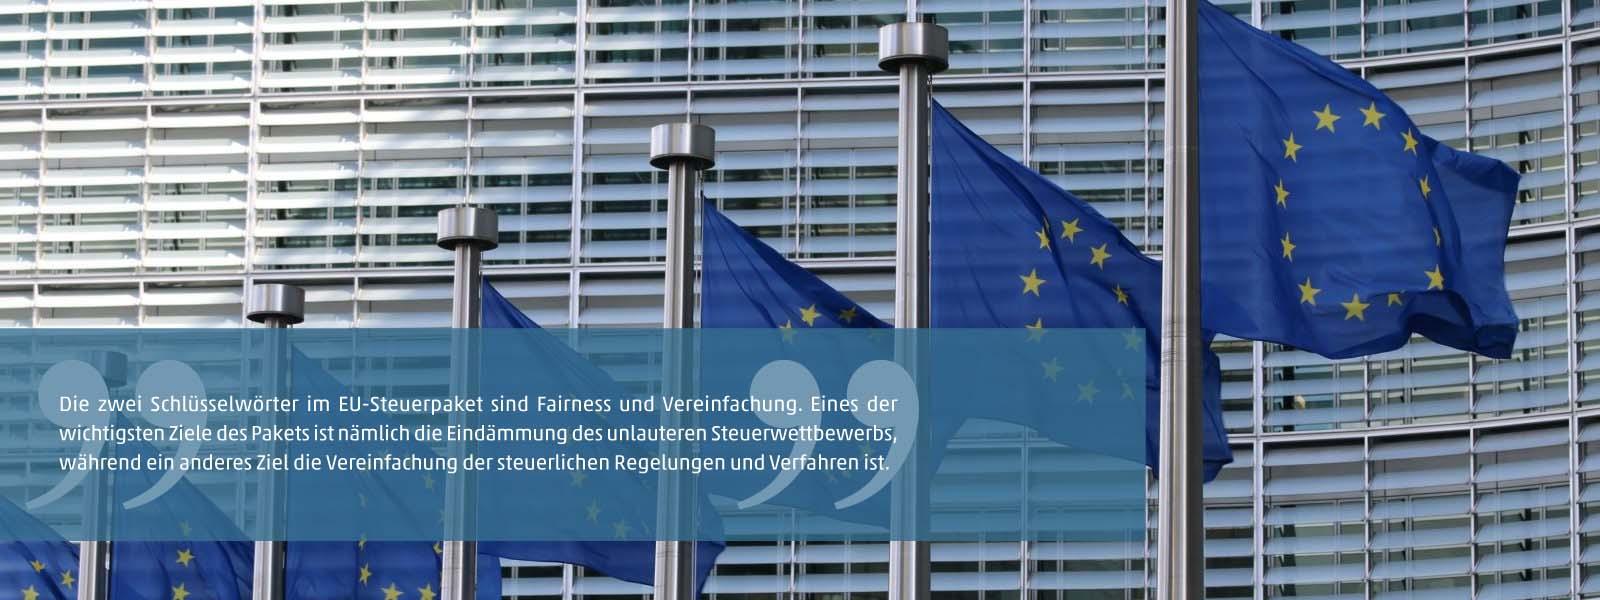 Neues EU-Steuerpaket für eine faire Besteuerung